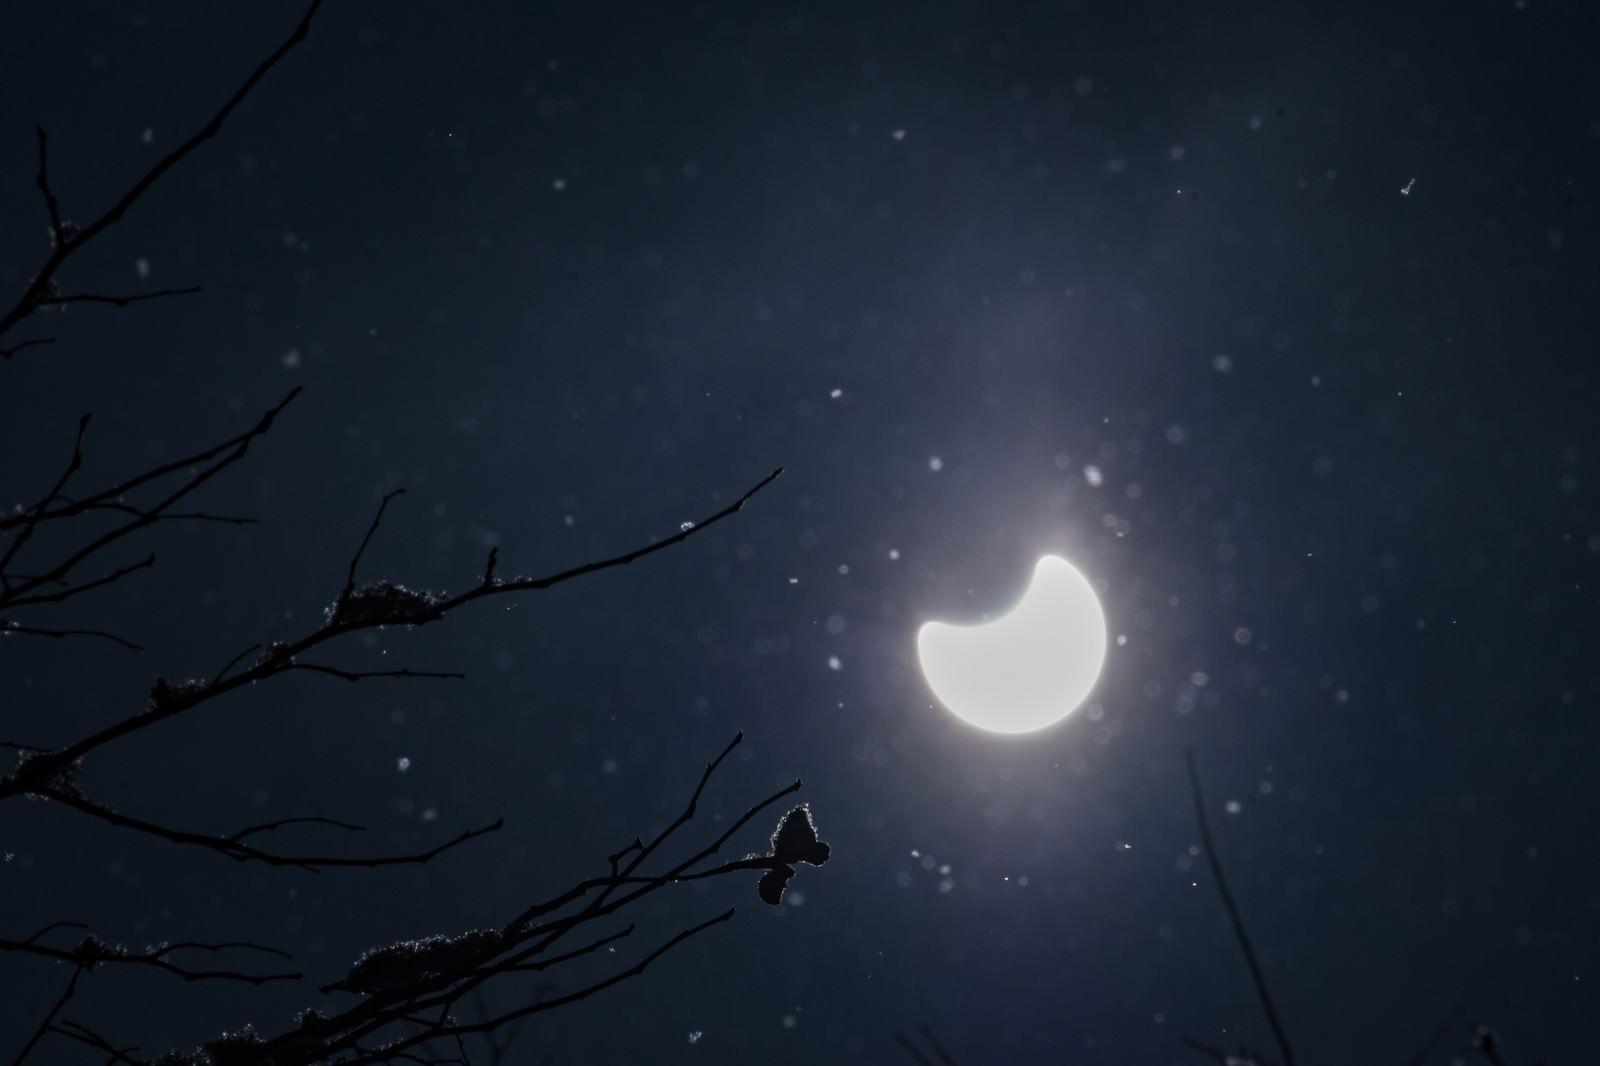 「キラキラと反射する粉雪と日食」の写真